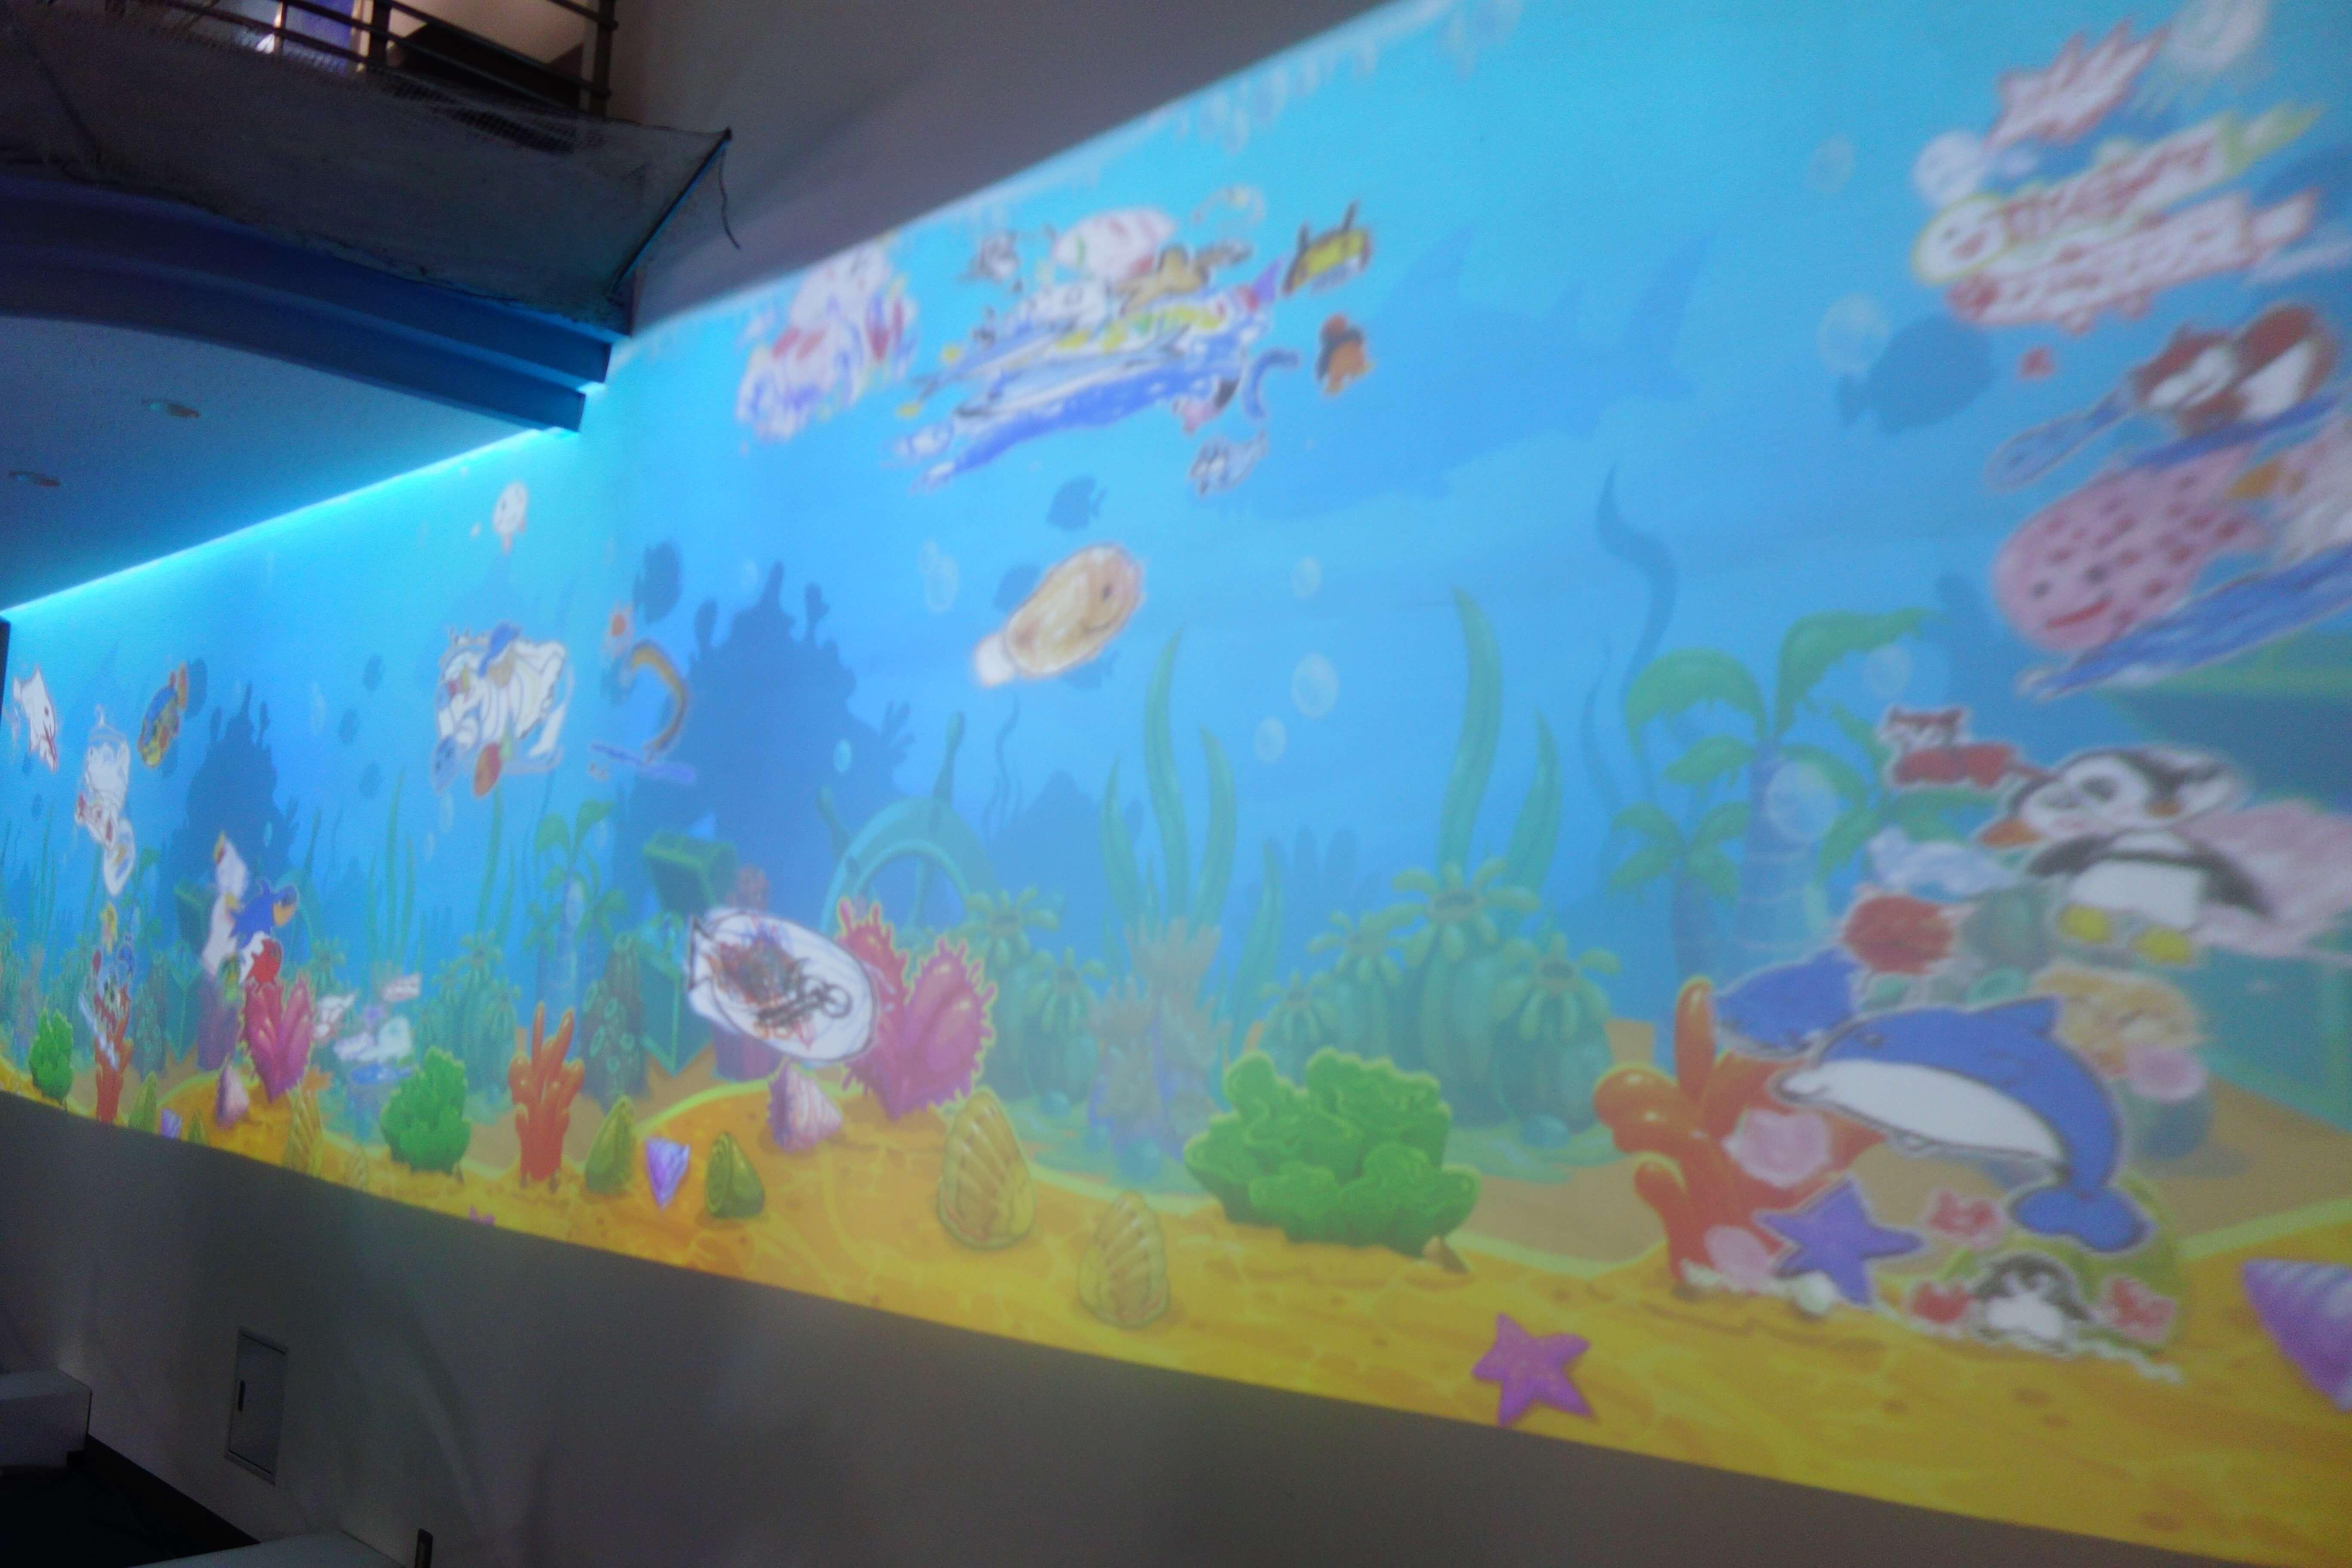 のとじま水族館 ペイントアクアリウム|能登の七尾市で自分の描いた絵が泳ぎ出す驚きの体験